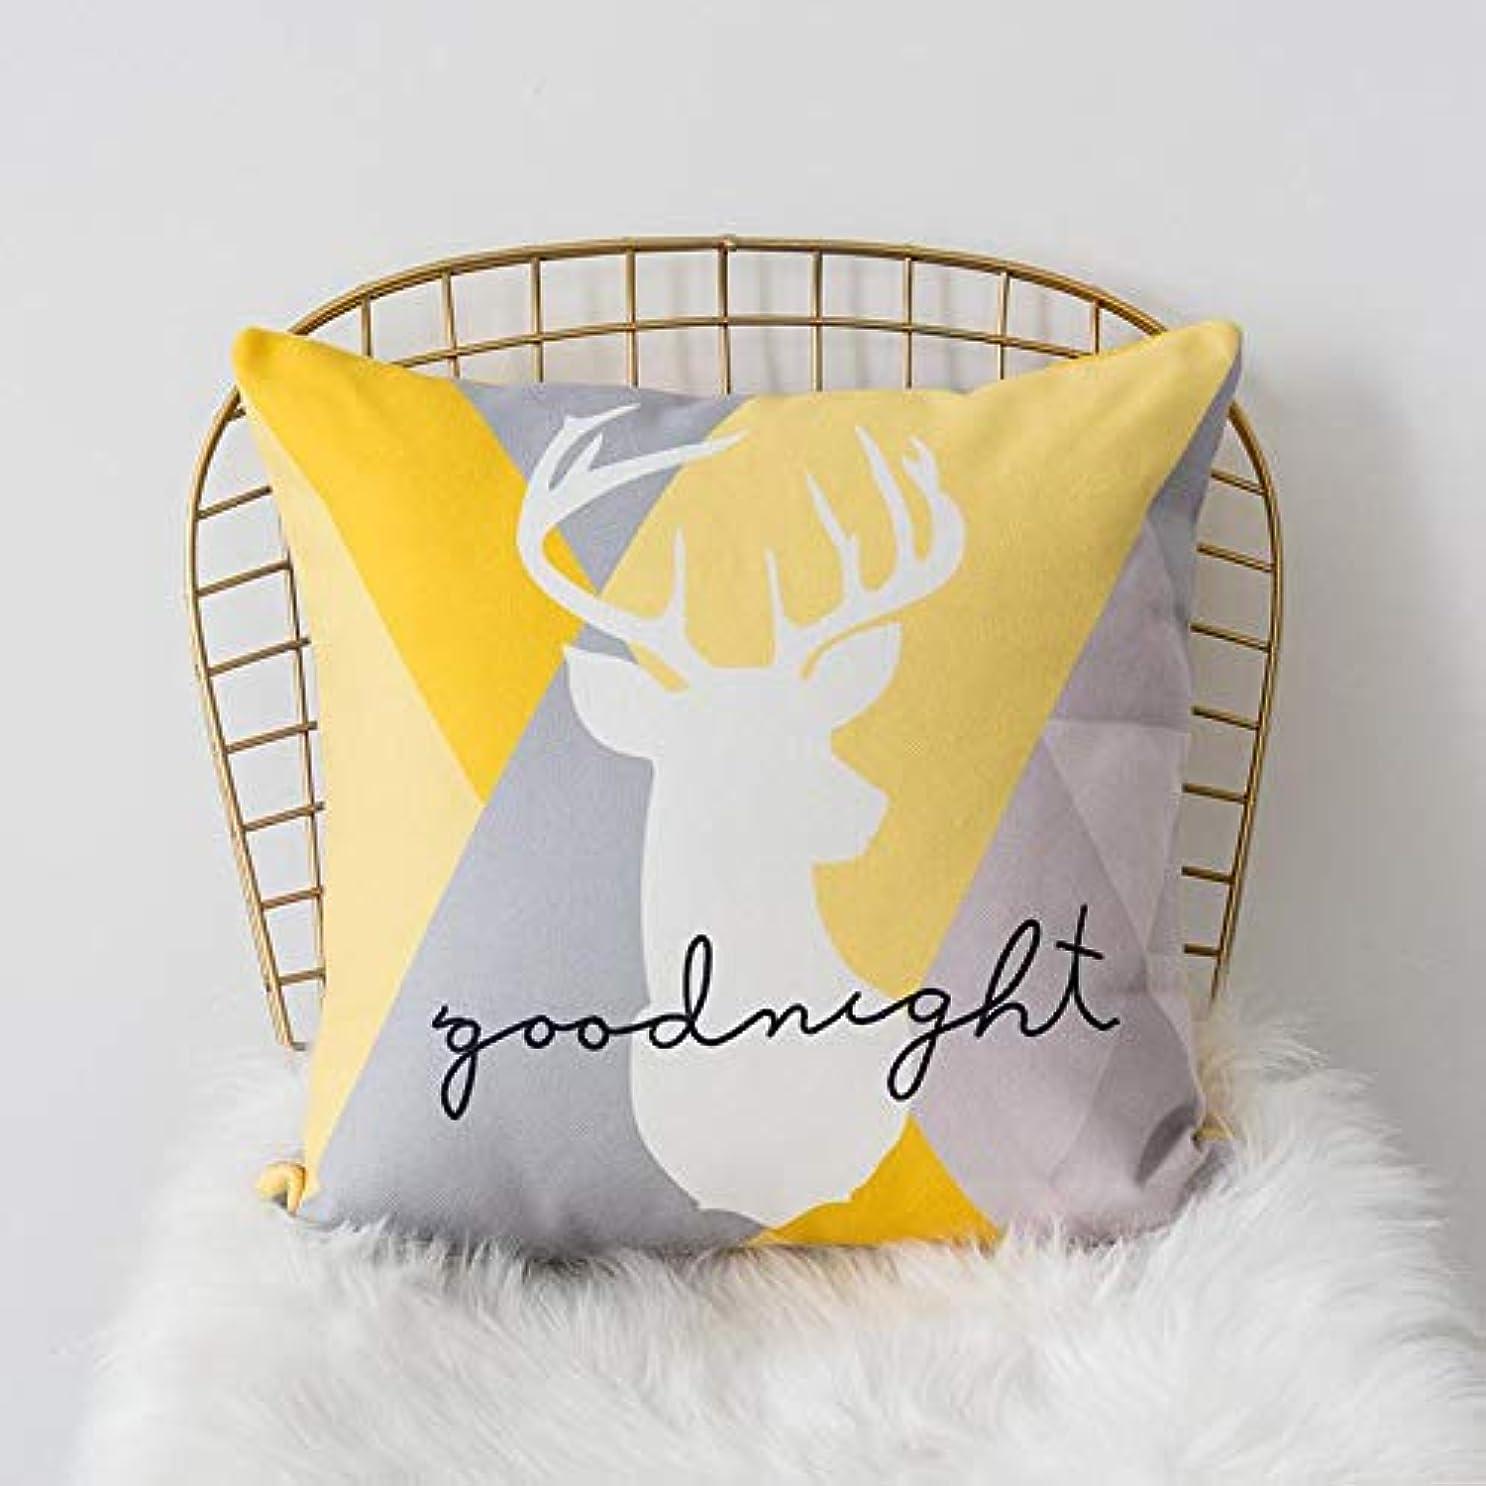 スツール保守的増幅LIFE 黄色グレー枕北欧スタイル黄色ヘラジカ幾何枕リビングルームのインテリアソファクッション Cojines 装飾良質 クッション 椅子